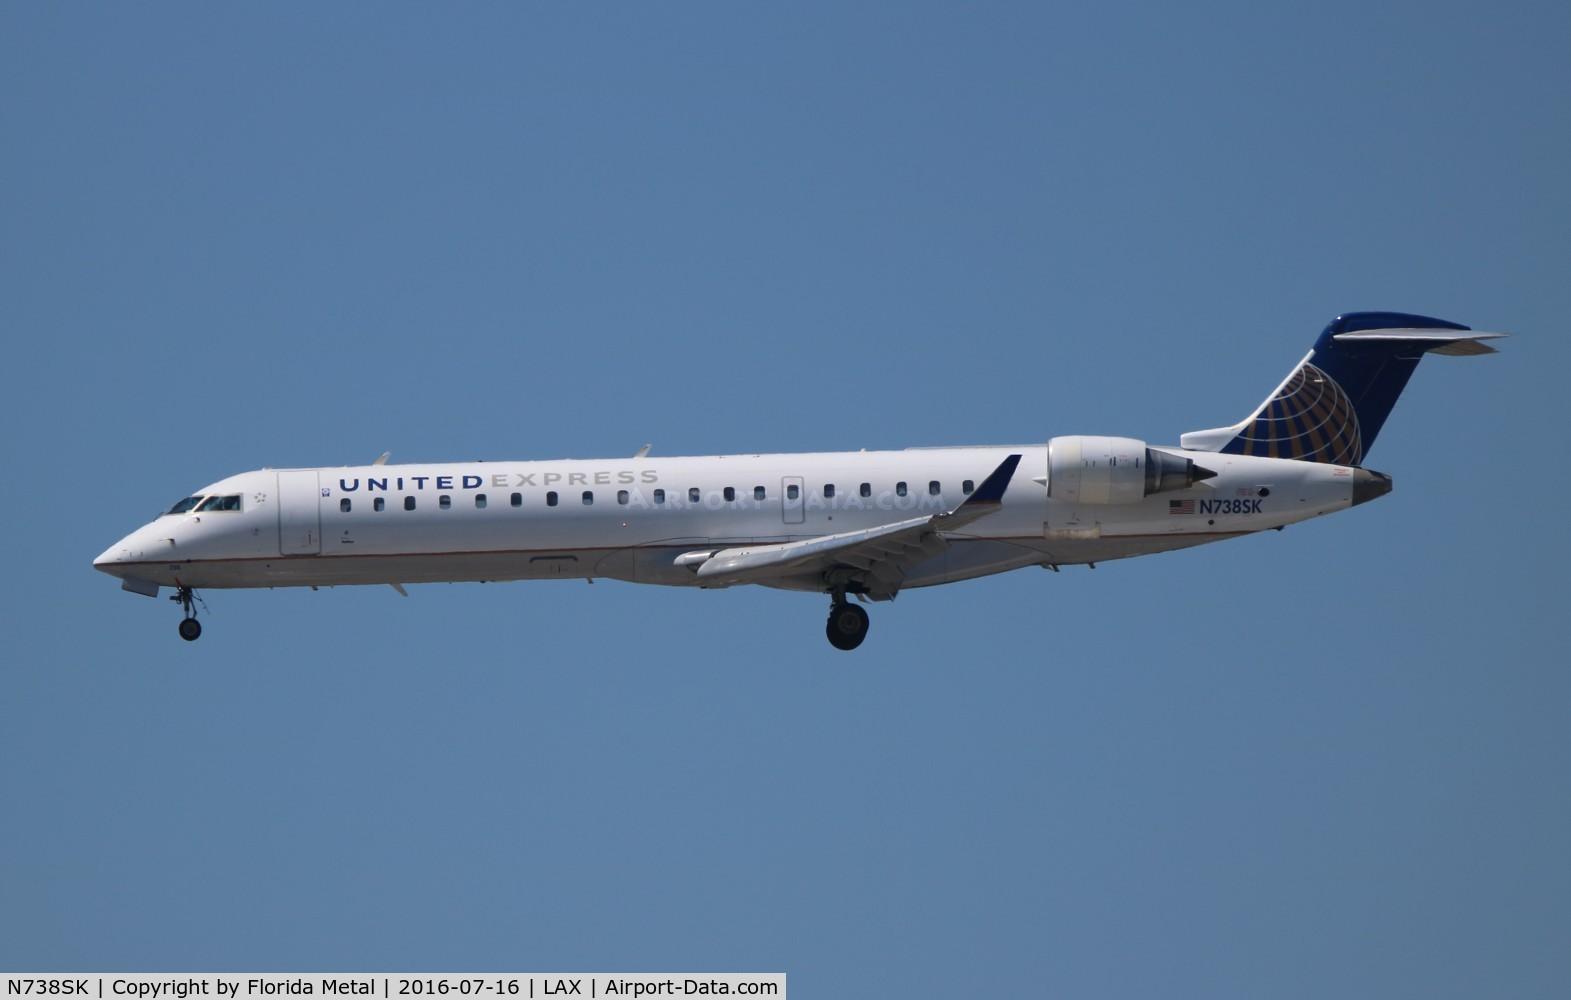 N738SK, 2005 Bombardier CRJ-700 (CL-600-2C10) Regional Jet C/N 10195, United Express